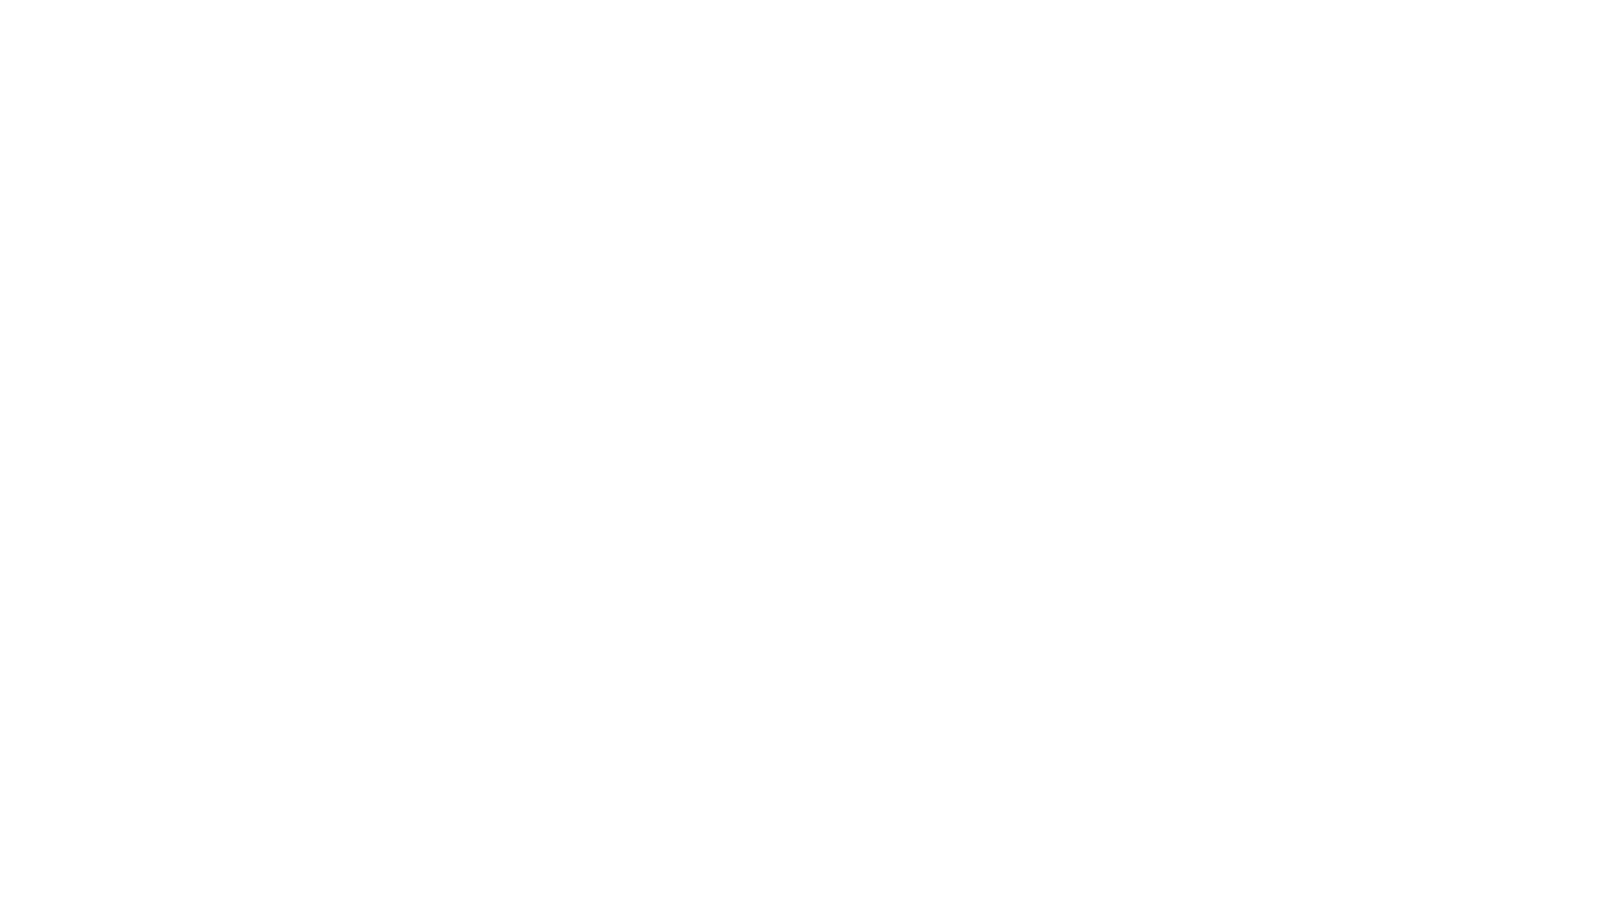 El Grupo Operativo AgroecologiCAM lanza esta campaña de Buenas prácticas agroecológicas. Capítulo 5. Arraigo cultural en el territorio Premios:  CSA Vega del Jarama - Premio global Granja Prados Montes - Canales cortos de comercialización Suerte Ampanera - Sostenibilidad ambiental Aceites La Peraleña - Sostenibilidad económica Suerte Ampanera - Equidad y valores sociales Granja Prados Montes - Arraigo cultural en el territorio  En el grupo operativo AgroecologiCAM de la Comunidad de Madrid participa la Red Terrae junto con IMIDRA, SEAE, UAM, AUPA, FAO España, GALSINMA, ADI Sierra Oeste y ARACOVE.   Esta campaña está coordinada por: Observatorio de la Cultura del Territorio. Producción: Mundolindo y Lobolopezz Realización: Fer Garrote / Caro Ferrero